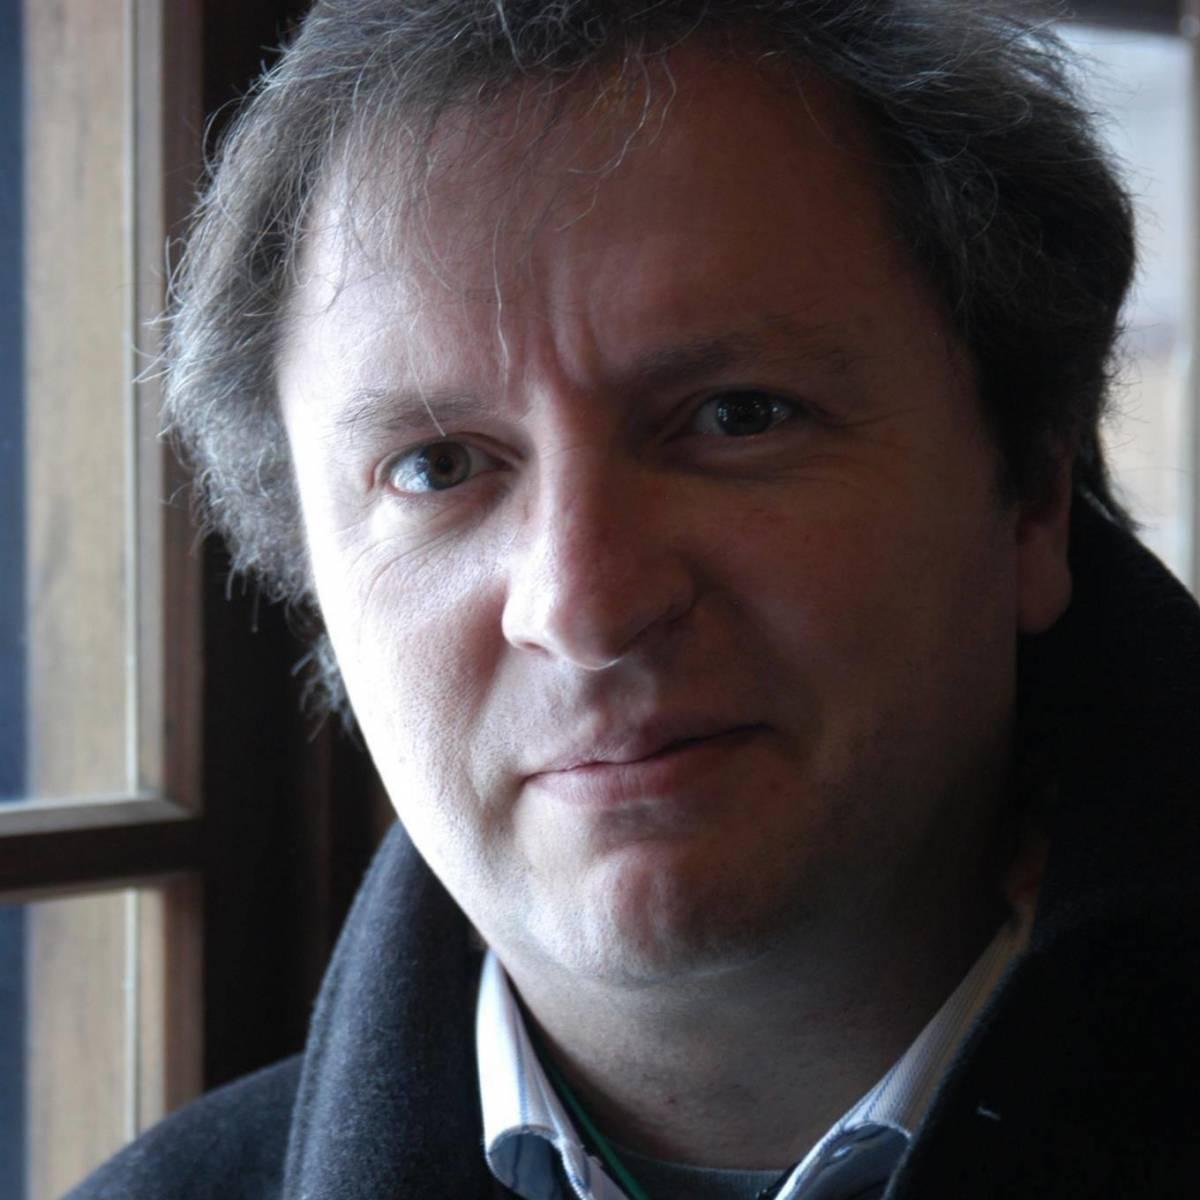 Trovato morto in un dirupo Stefano Carrer, giornalista de Il Sole 24 ore